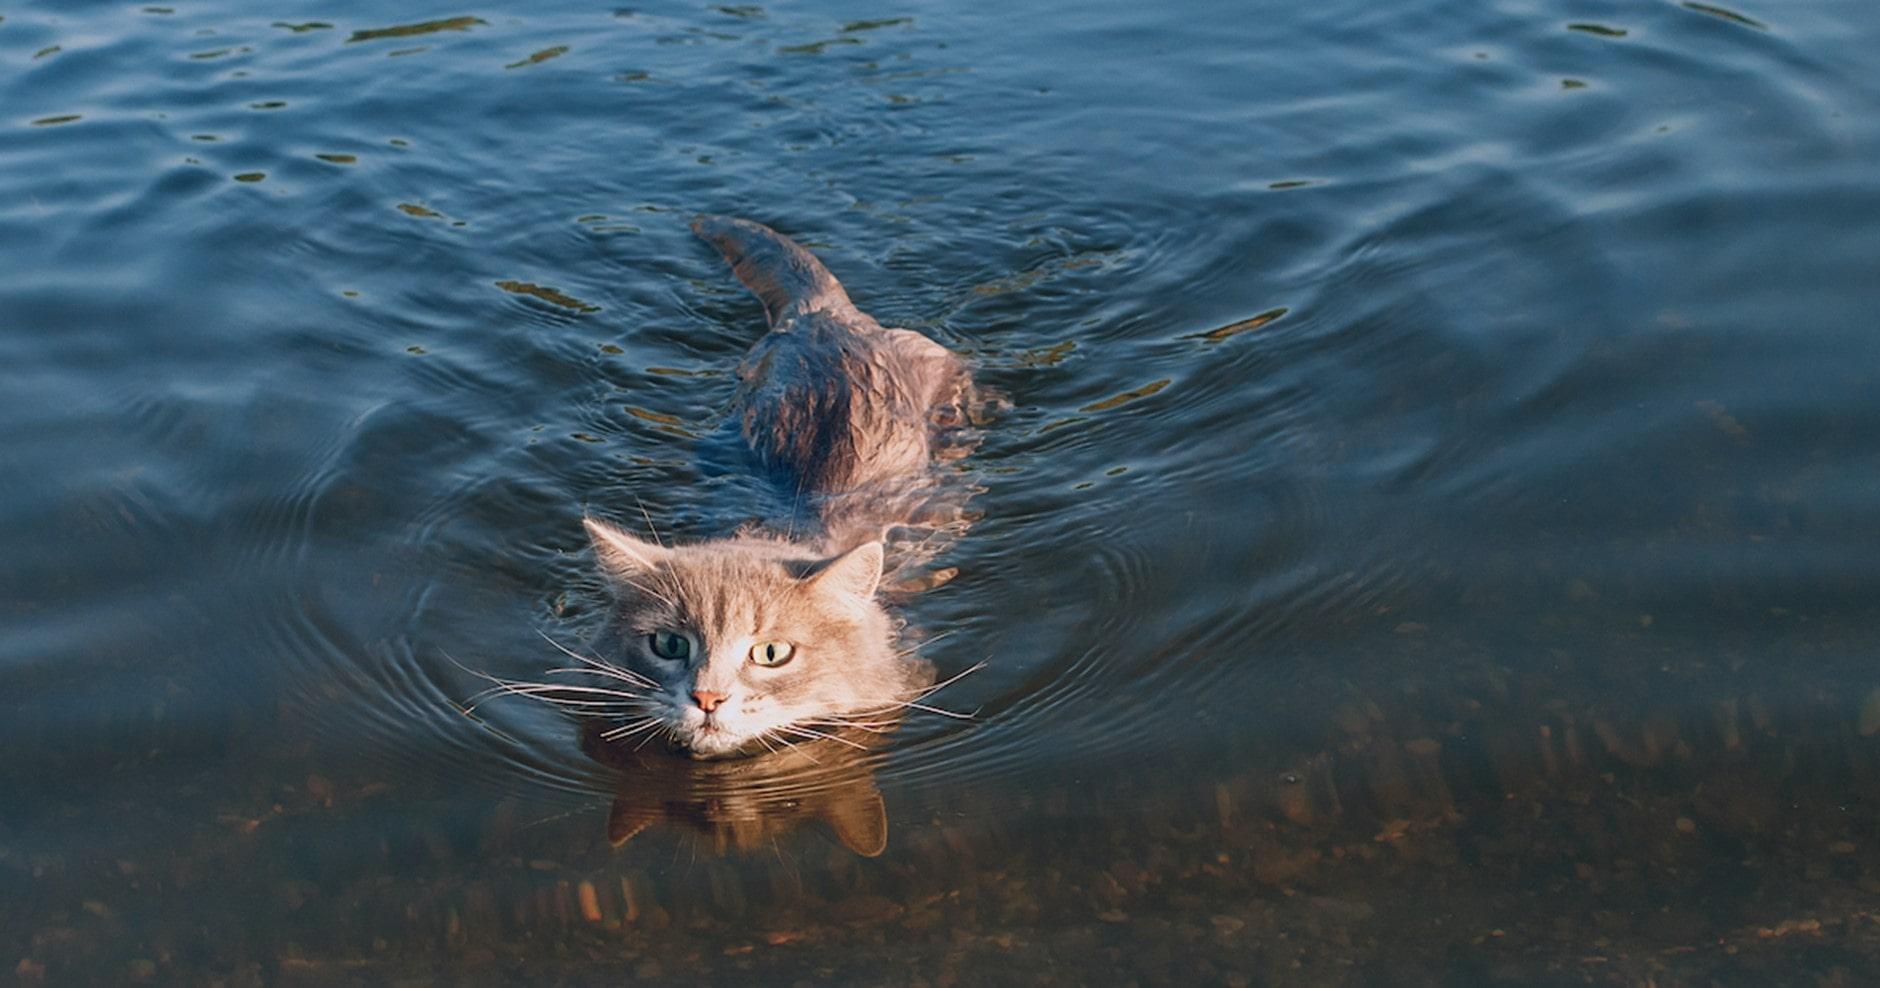 Katze ist am schwimmen